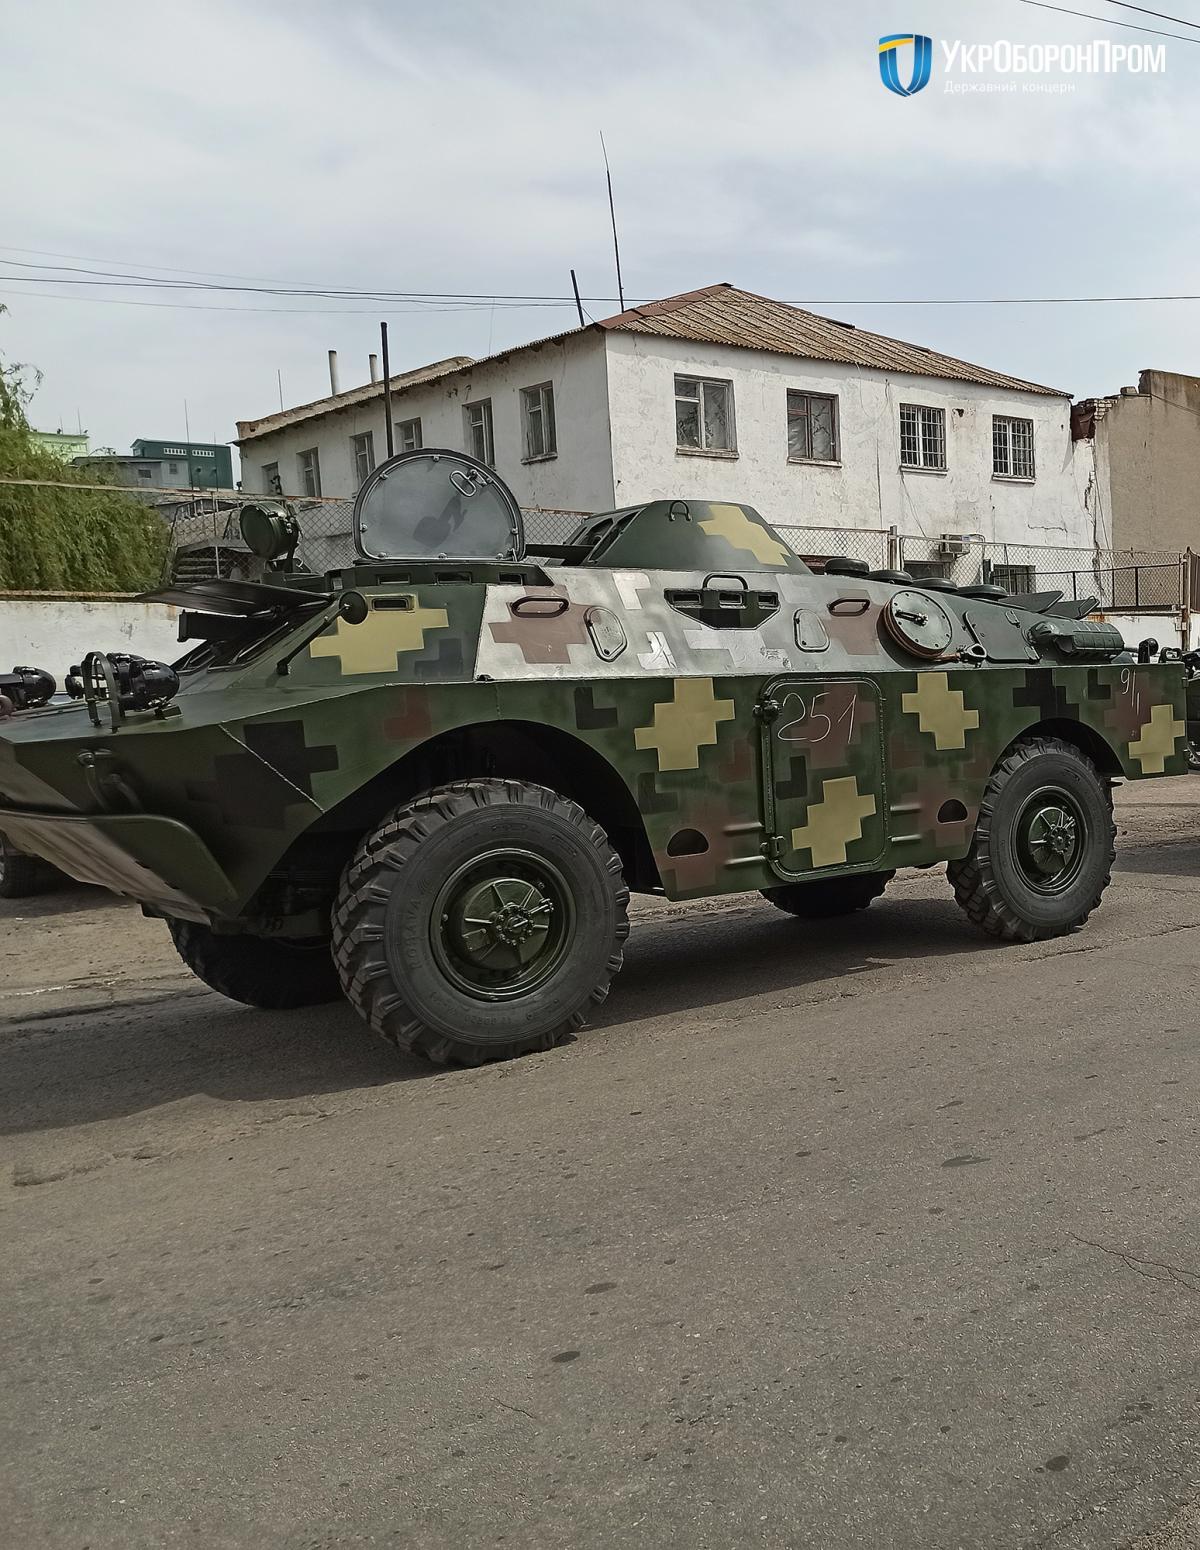 Минулого року на Миколаївському заводі відремонтували близько 100 одиниць бронетанкової техніки / фото Укроборонпром